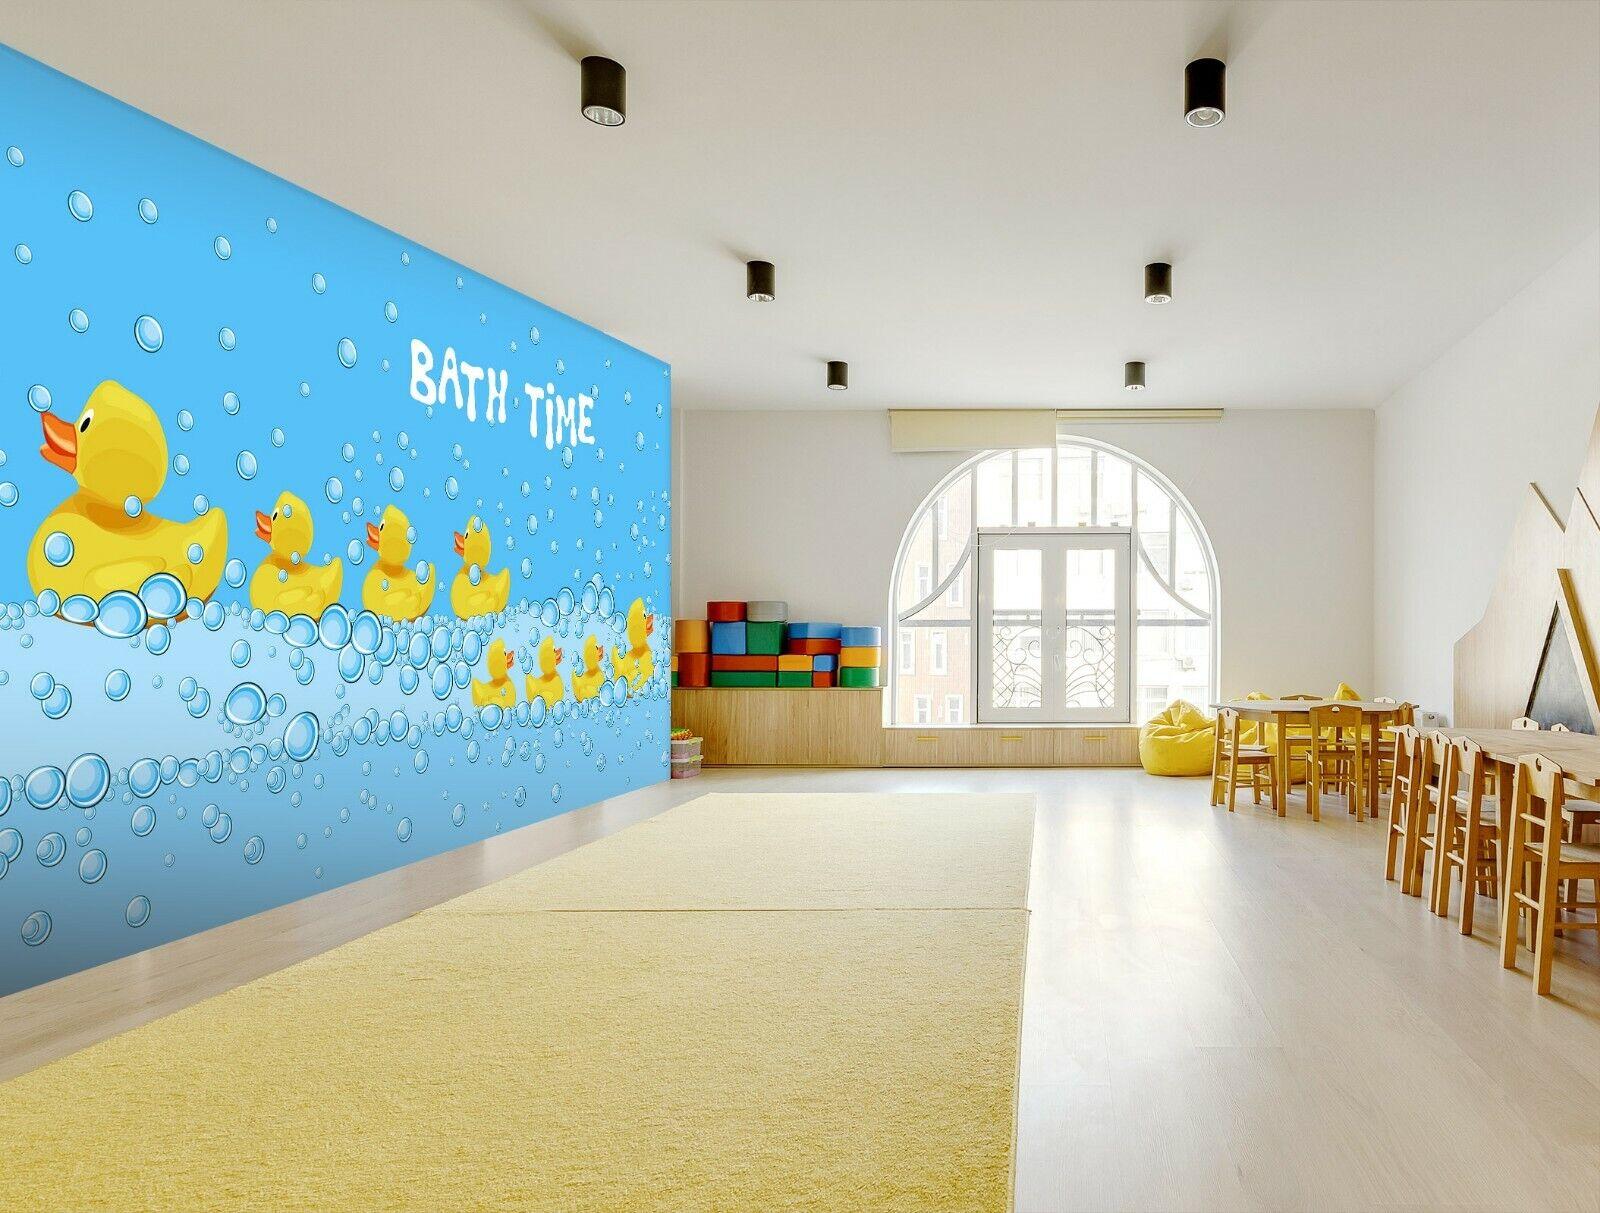 3D Little Gelb Du R300 Business Wallpaper Wall Mural Self-adhesive Commerce An